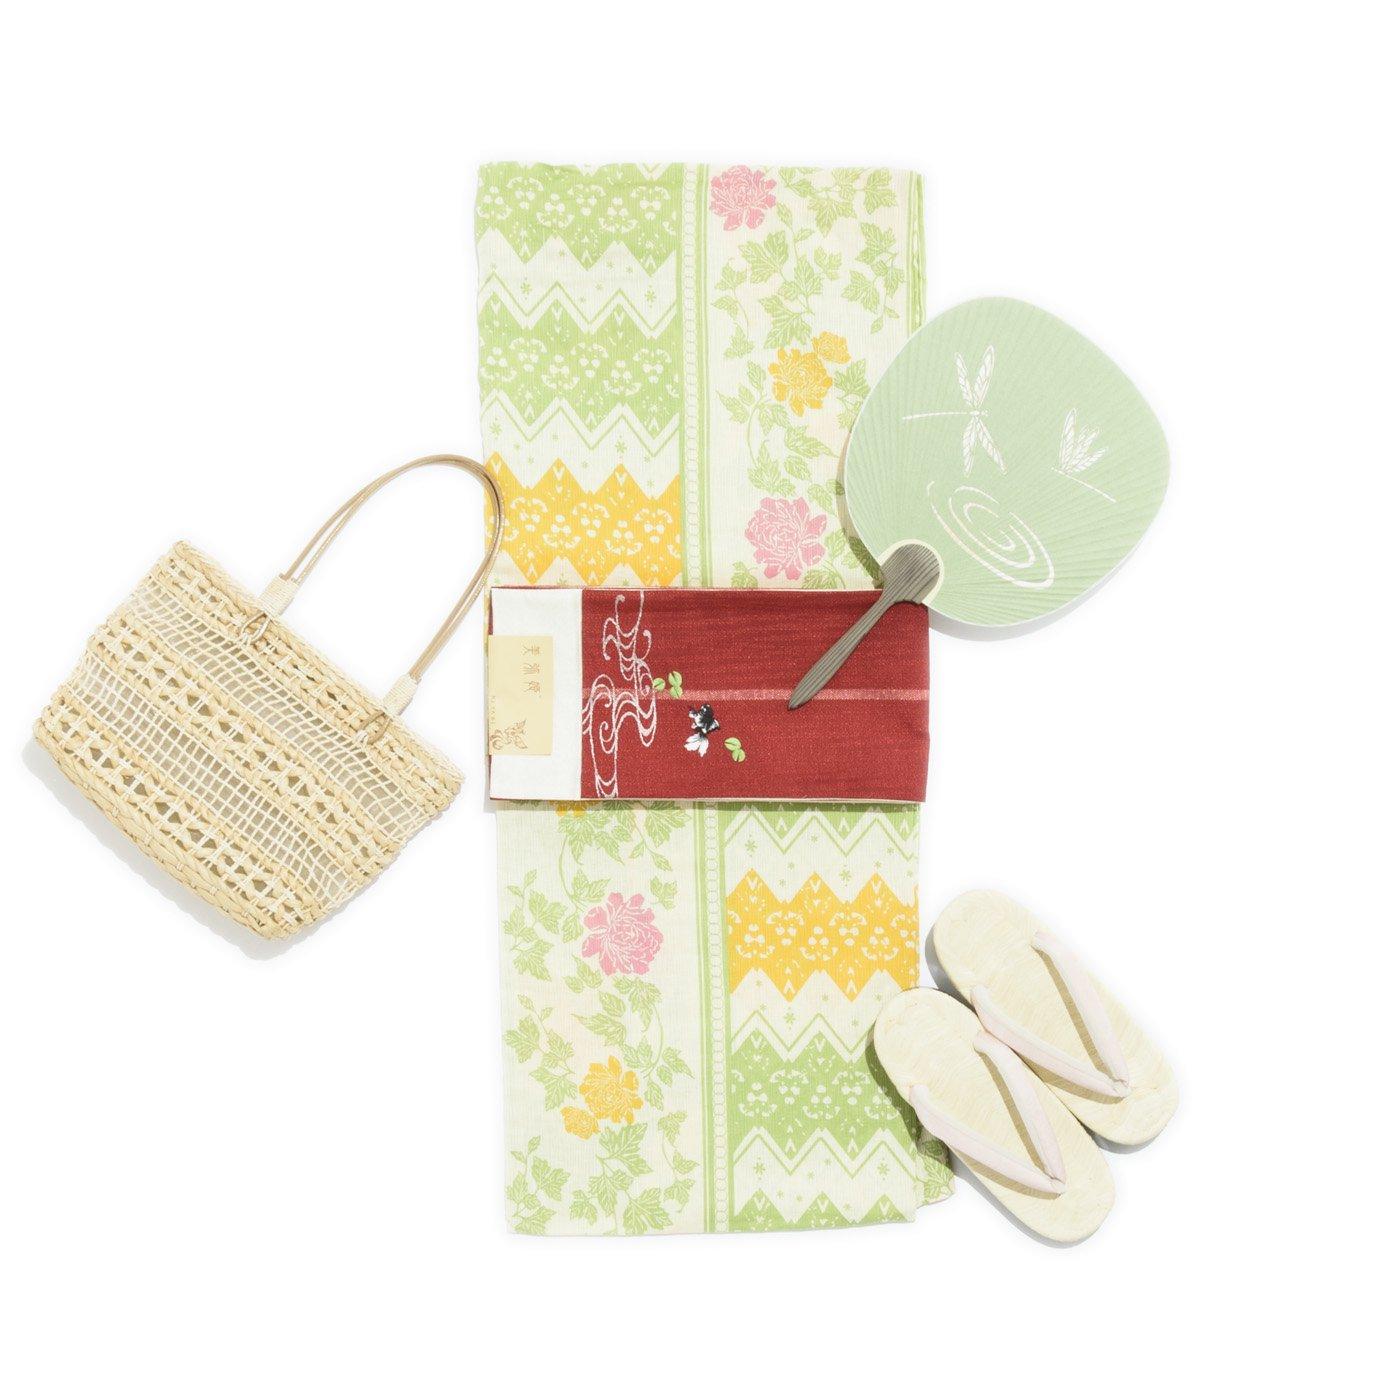 「新品浴衣 薔薇の花」の商品画像